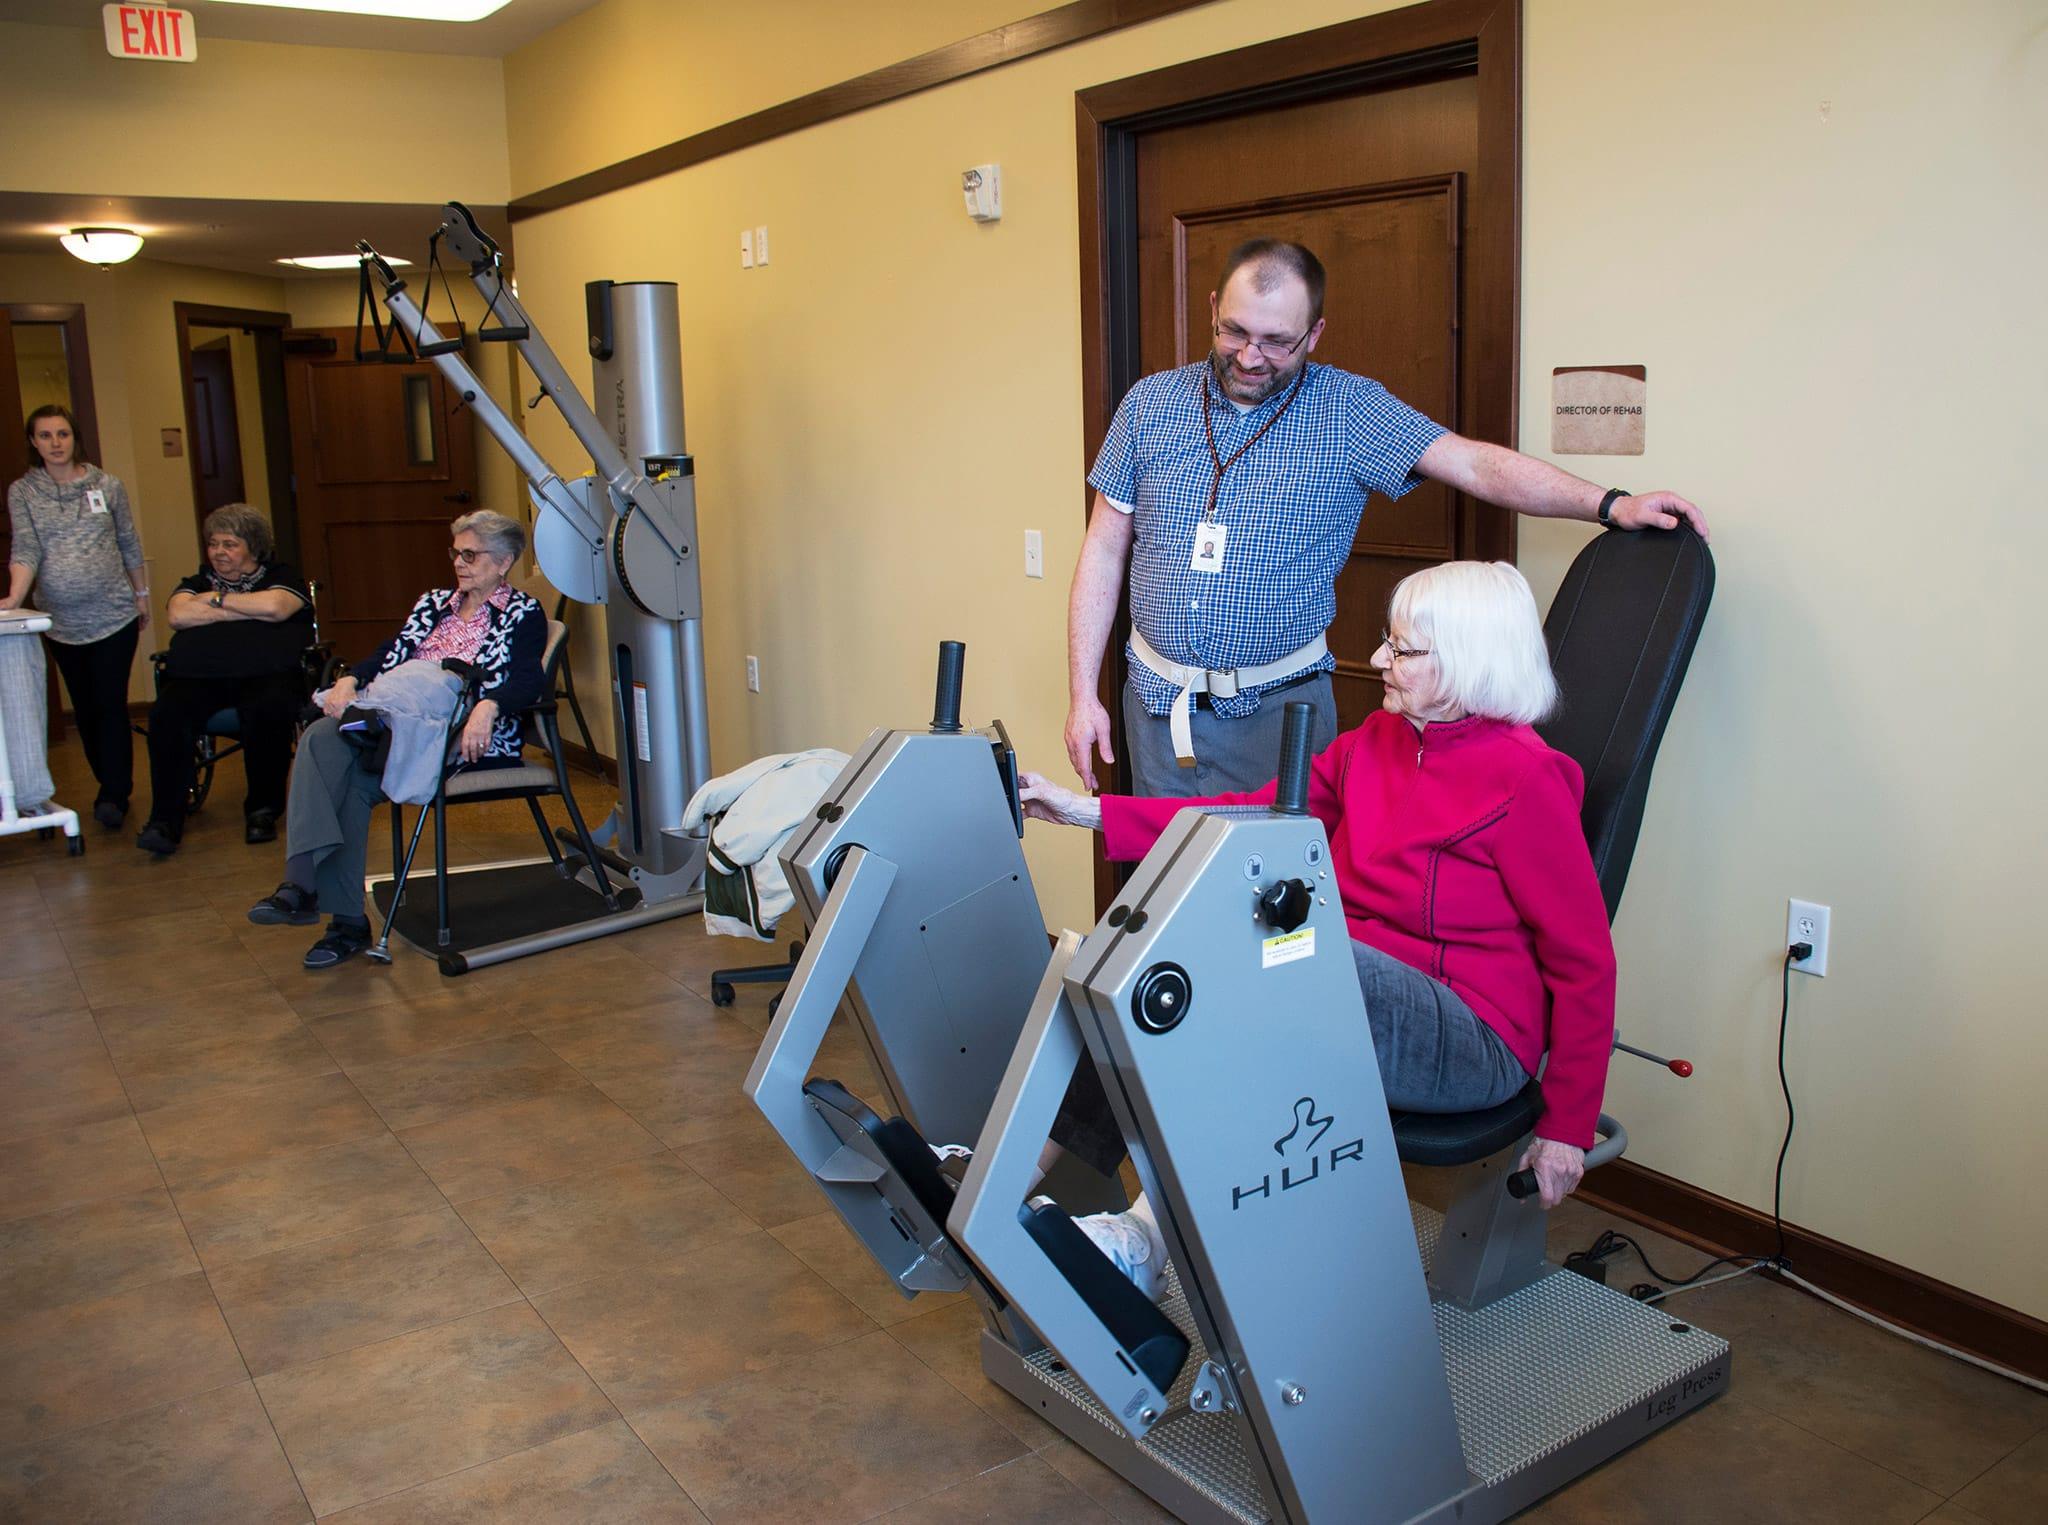 Senior Fitness Center Opportunities at Walker Methodist